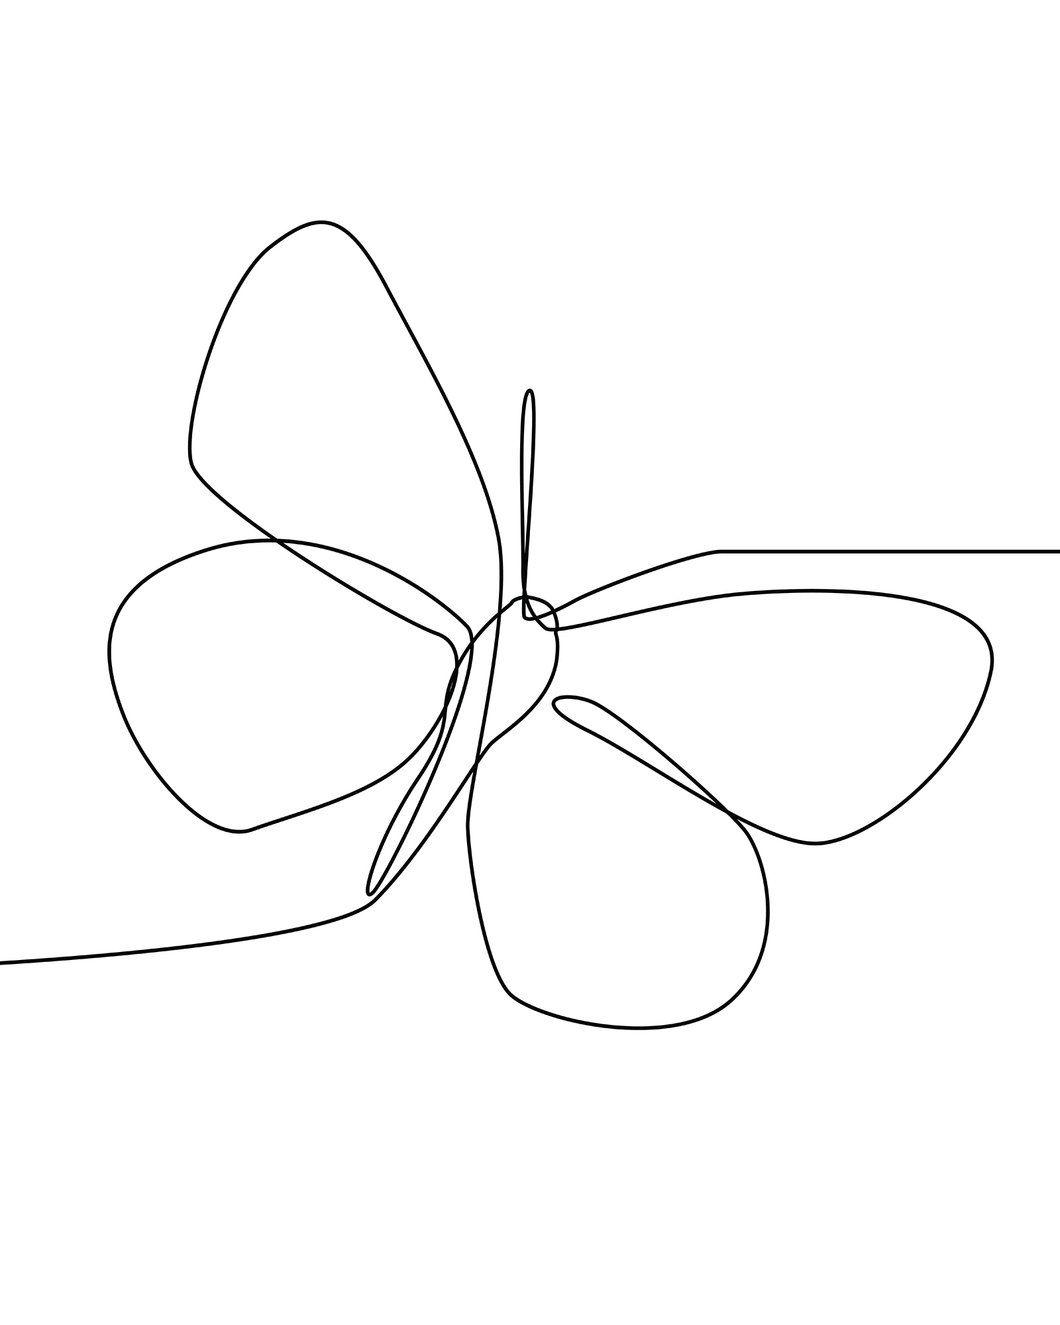 Line Butterfly In 2021 Line Art Flowers Flower Line Drawings Line Art Drawings